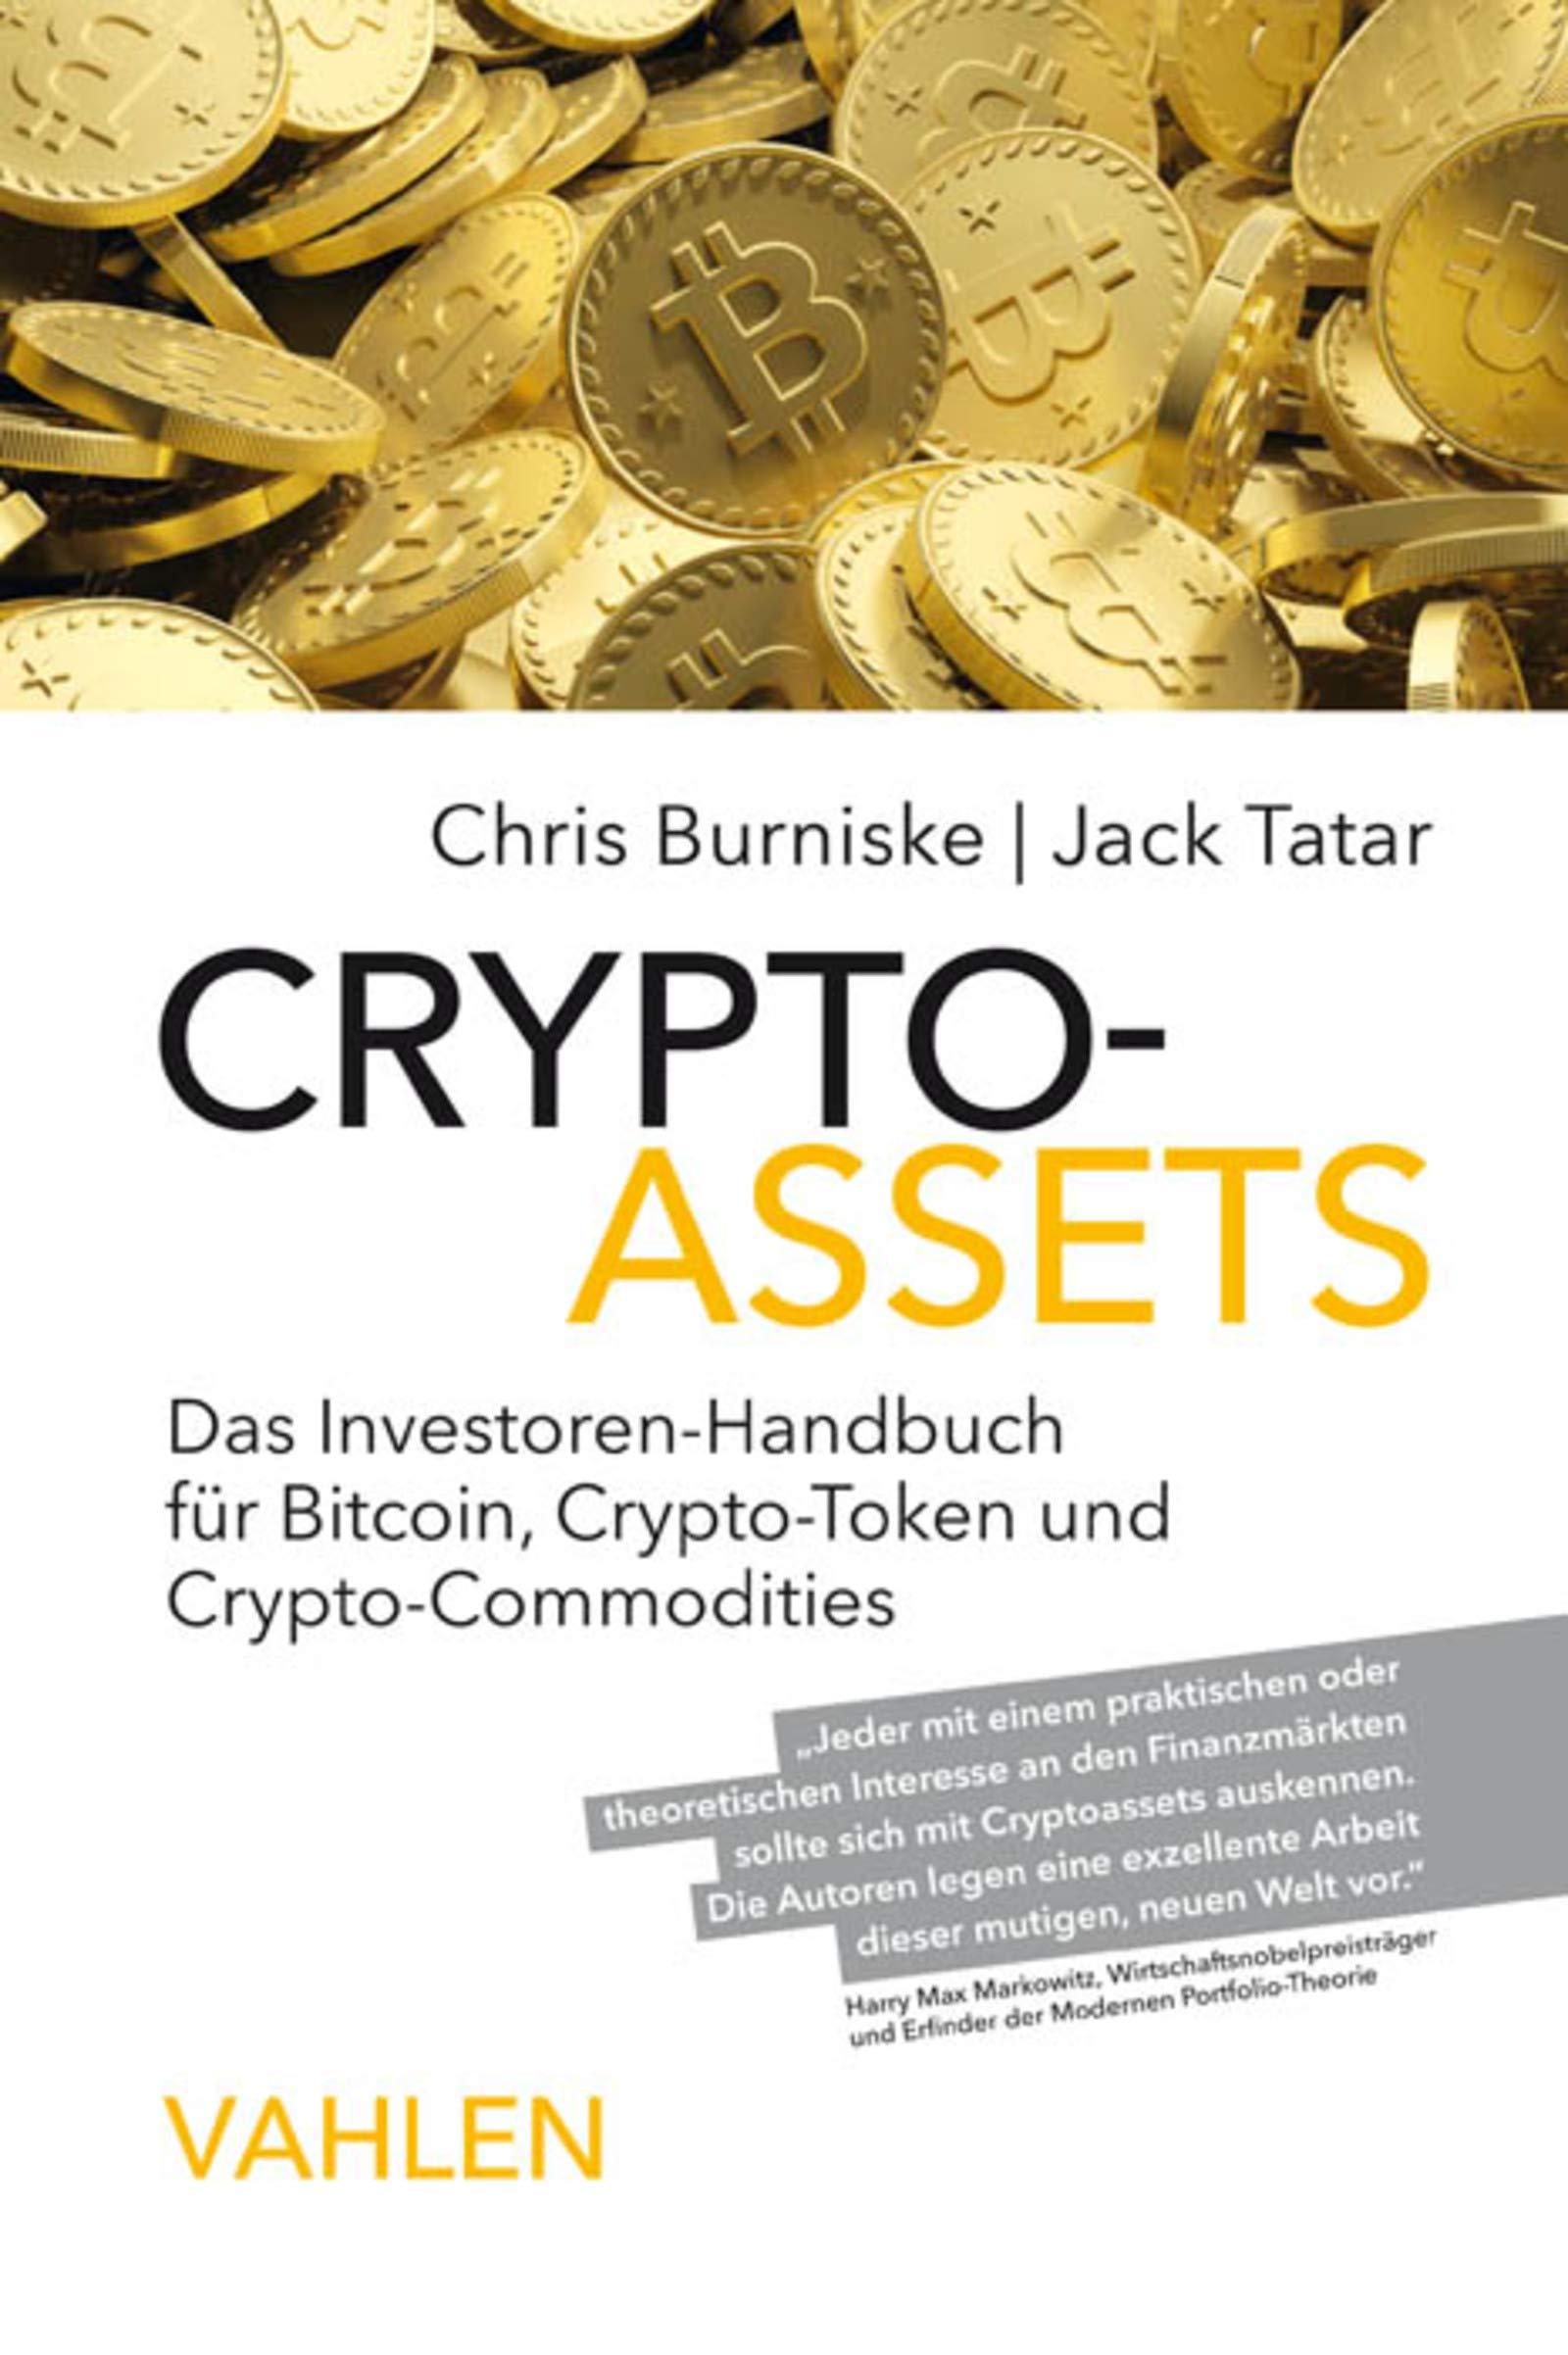 warrior trading crypto mining rig krypto für den kopierhandel